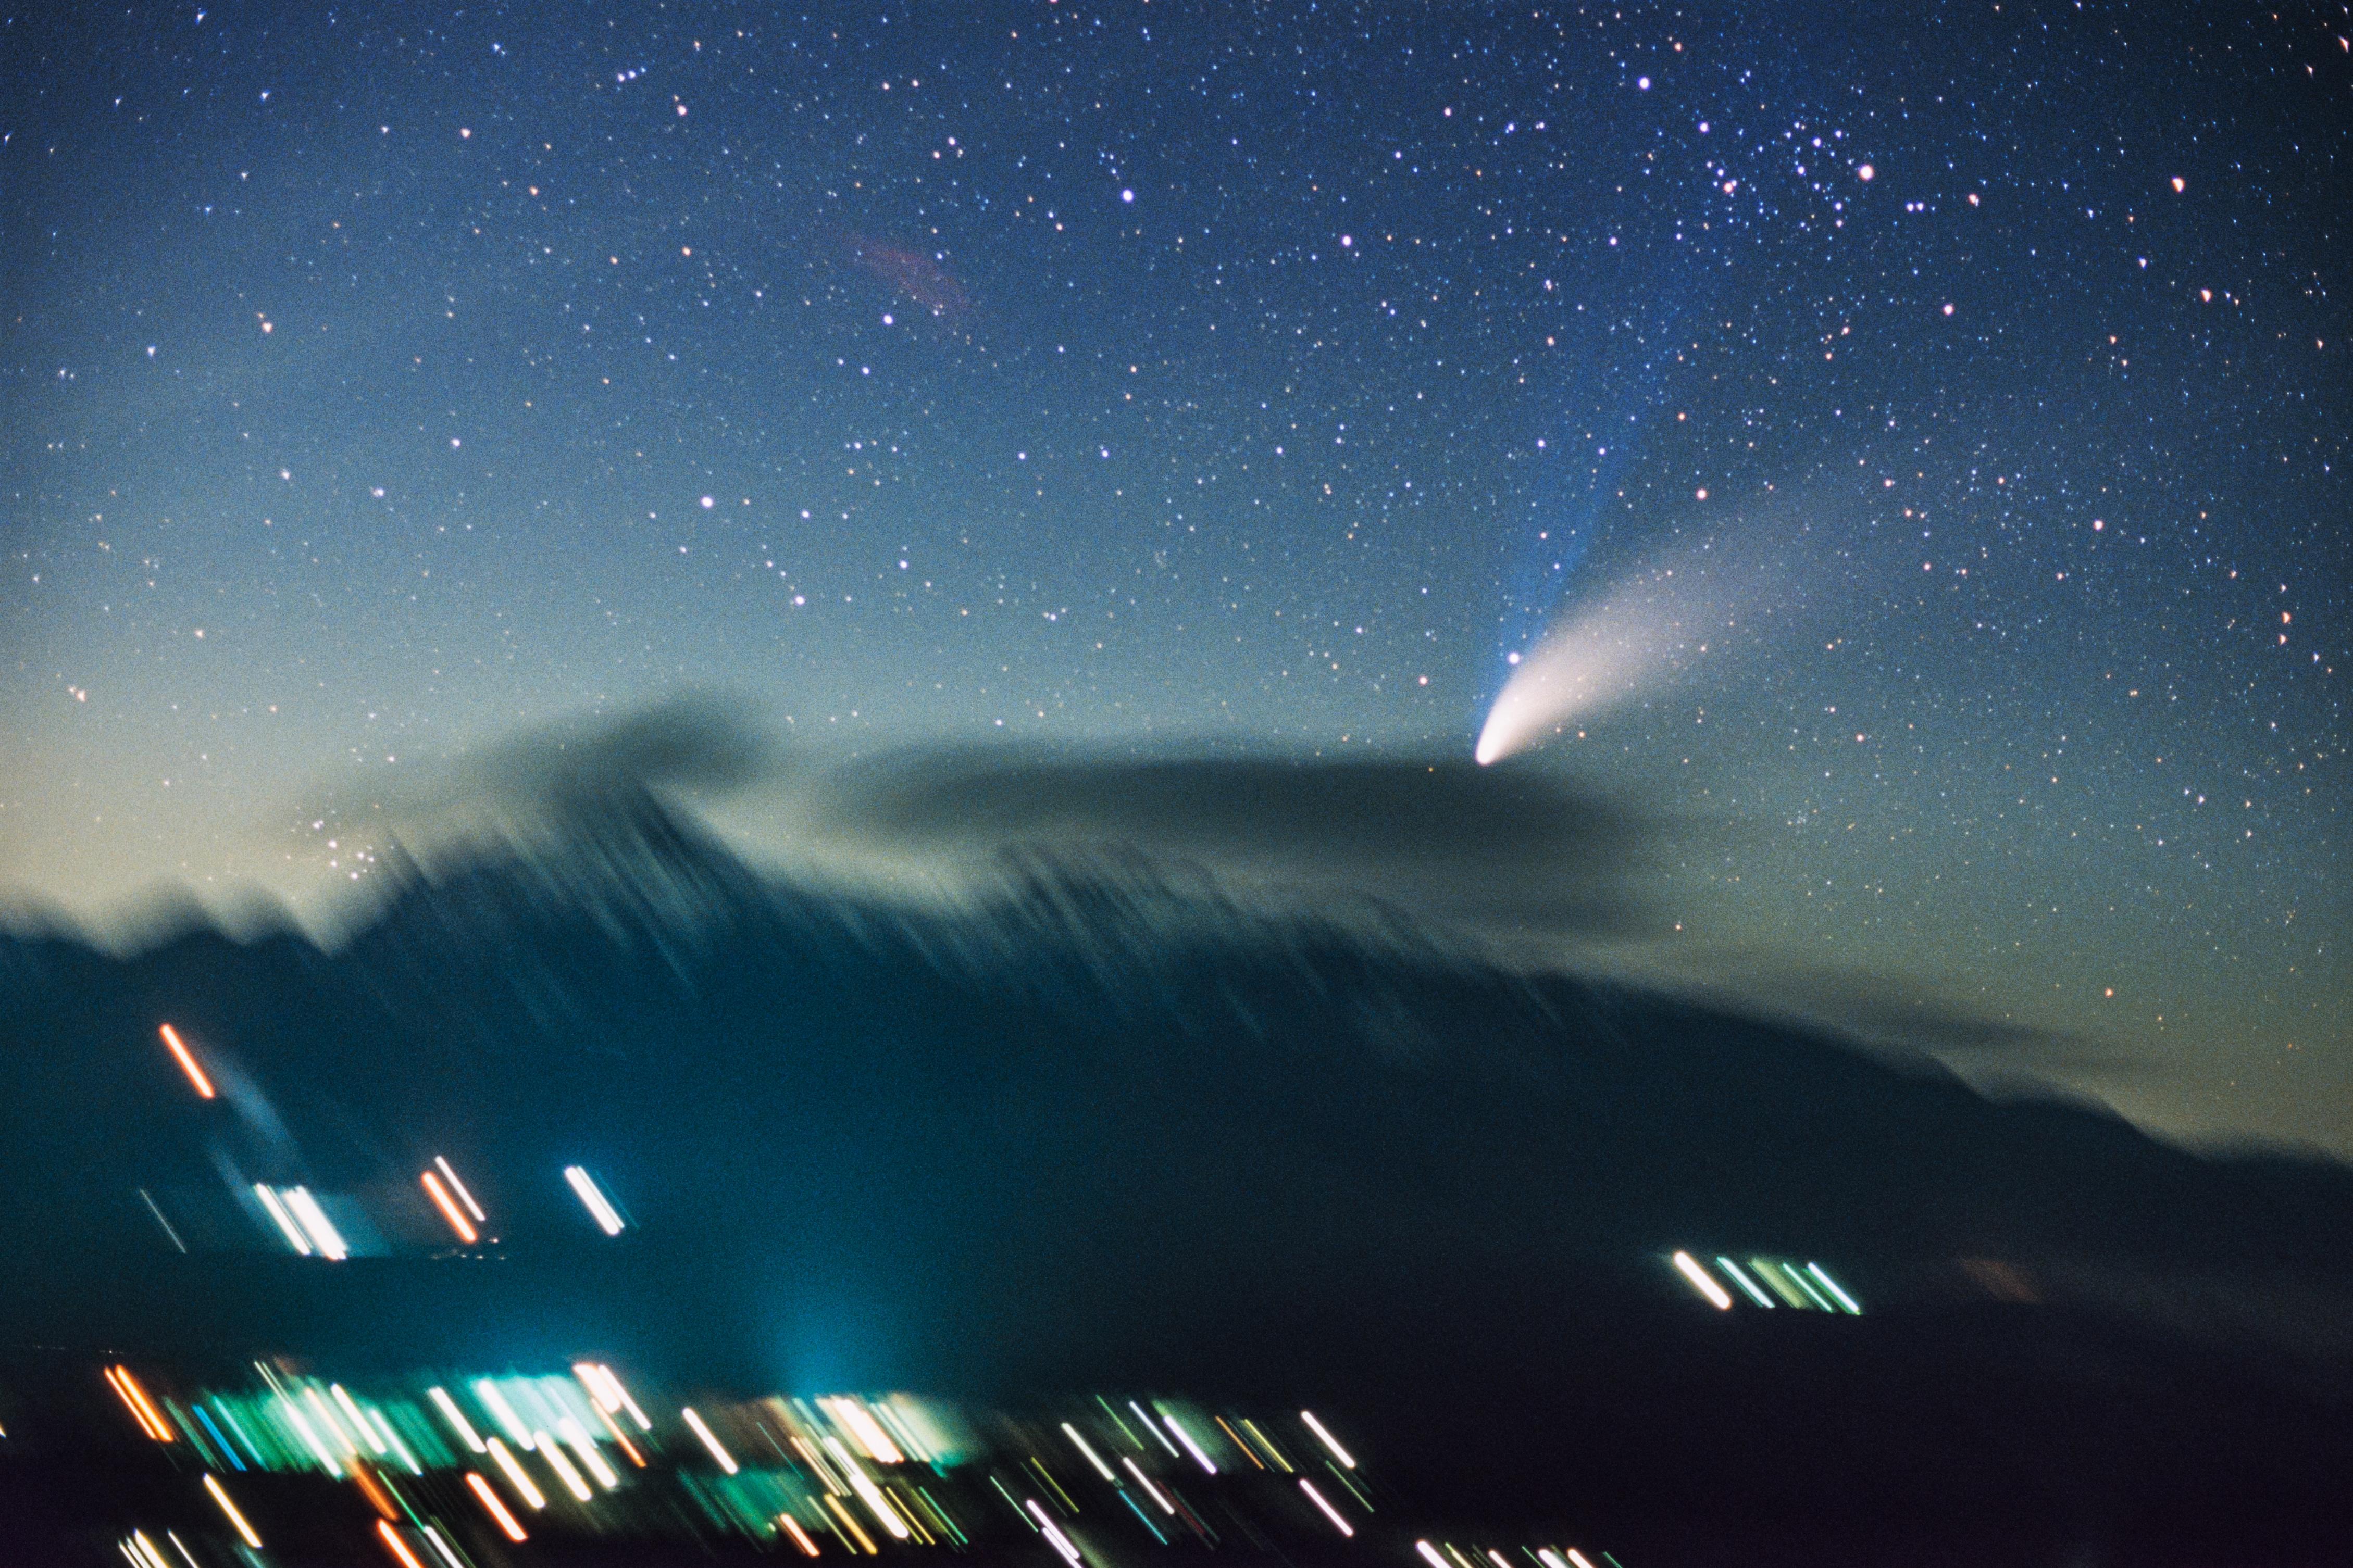 """<b class="""""""">追尾撮影作例:ヘール・ボップ彗星</b><br class="""""""">八ヶ岳に沈もうとする1997年のヘール・ボップ彗星を広角レンズで追尾撮影しました<br class="""""""">35mmフィルム(ISO400)で撮影 / 35mm F2レンズ使用"""